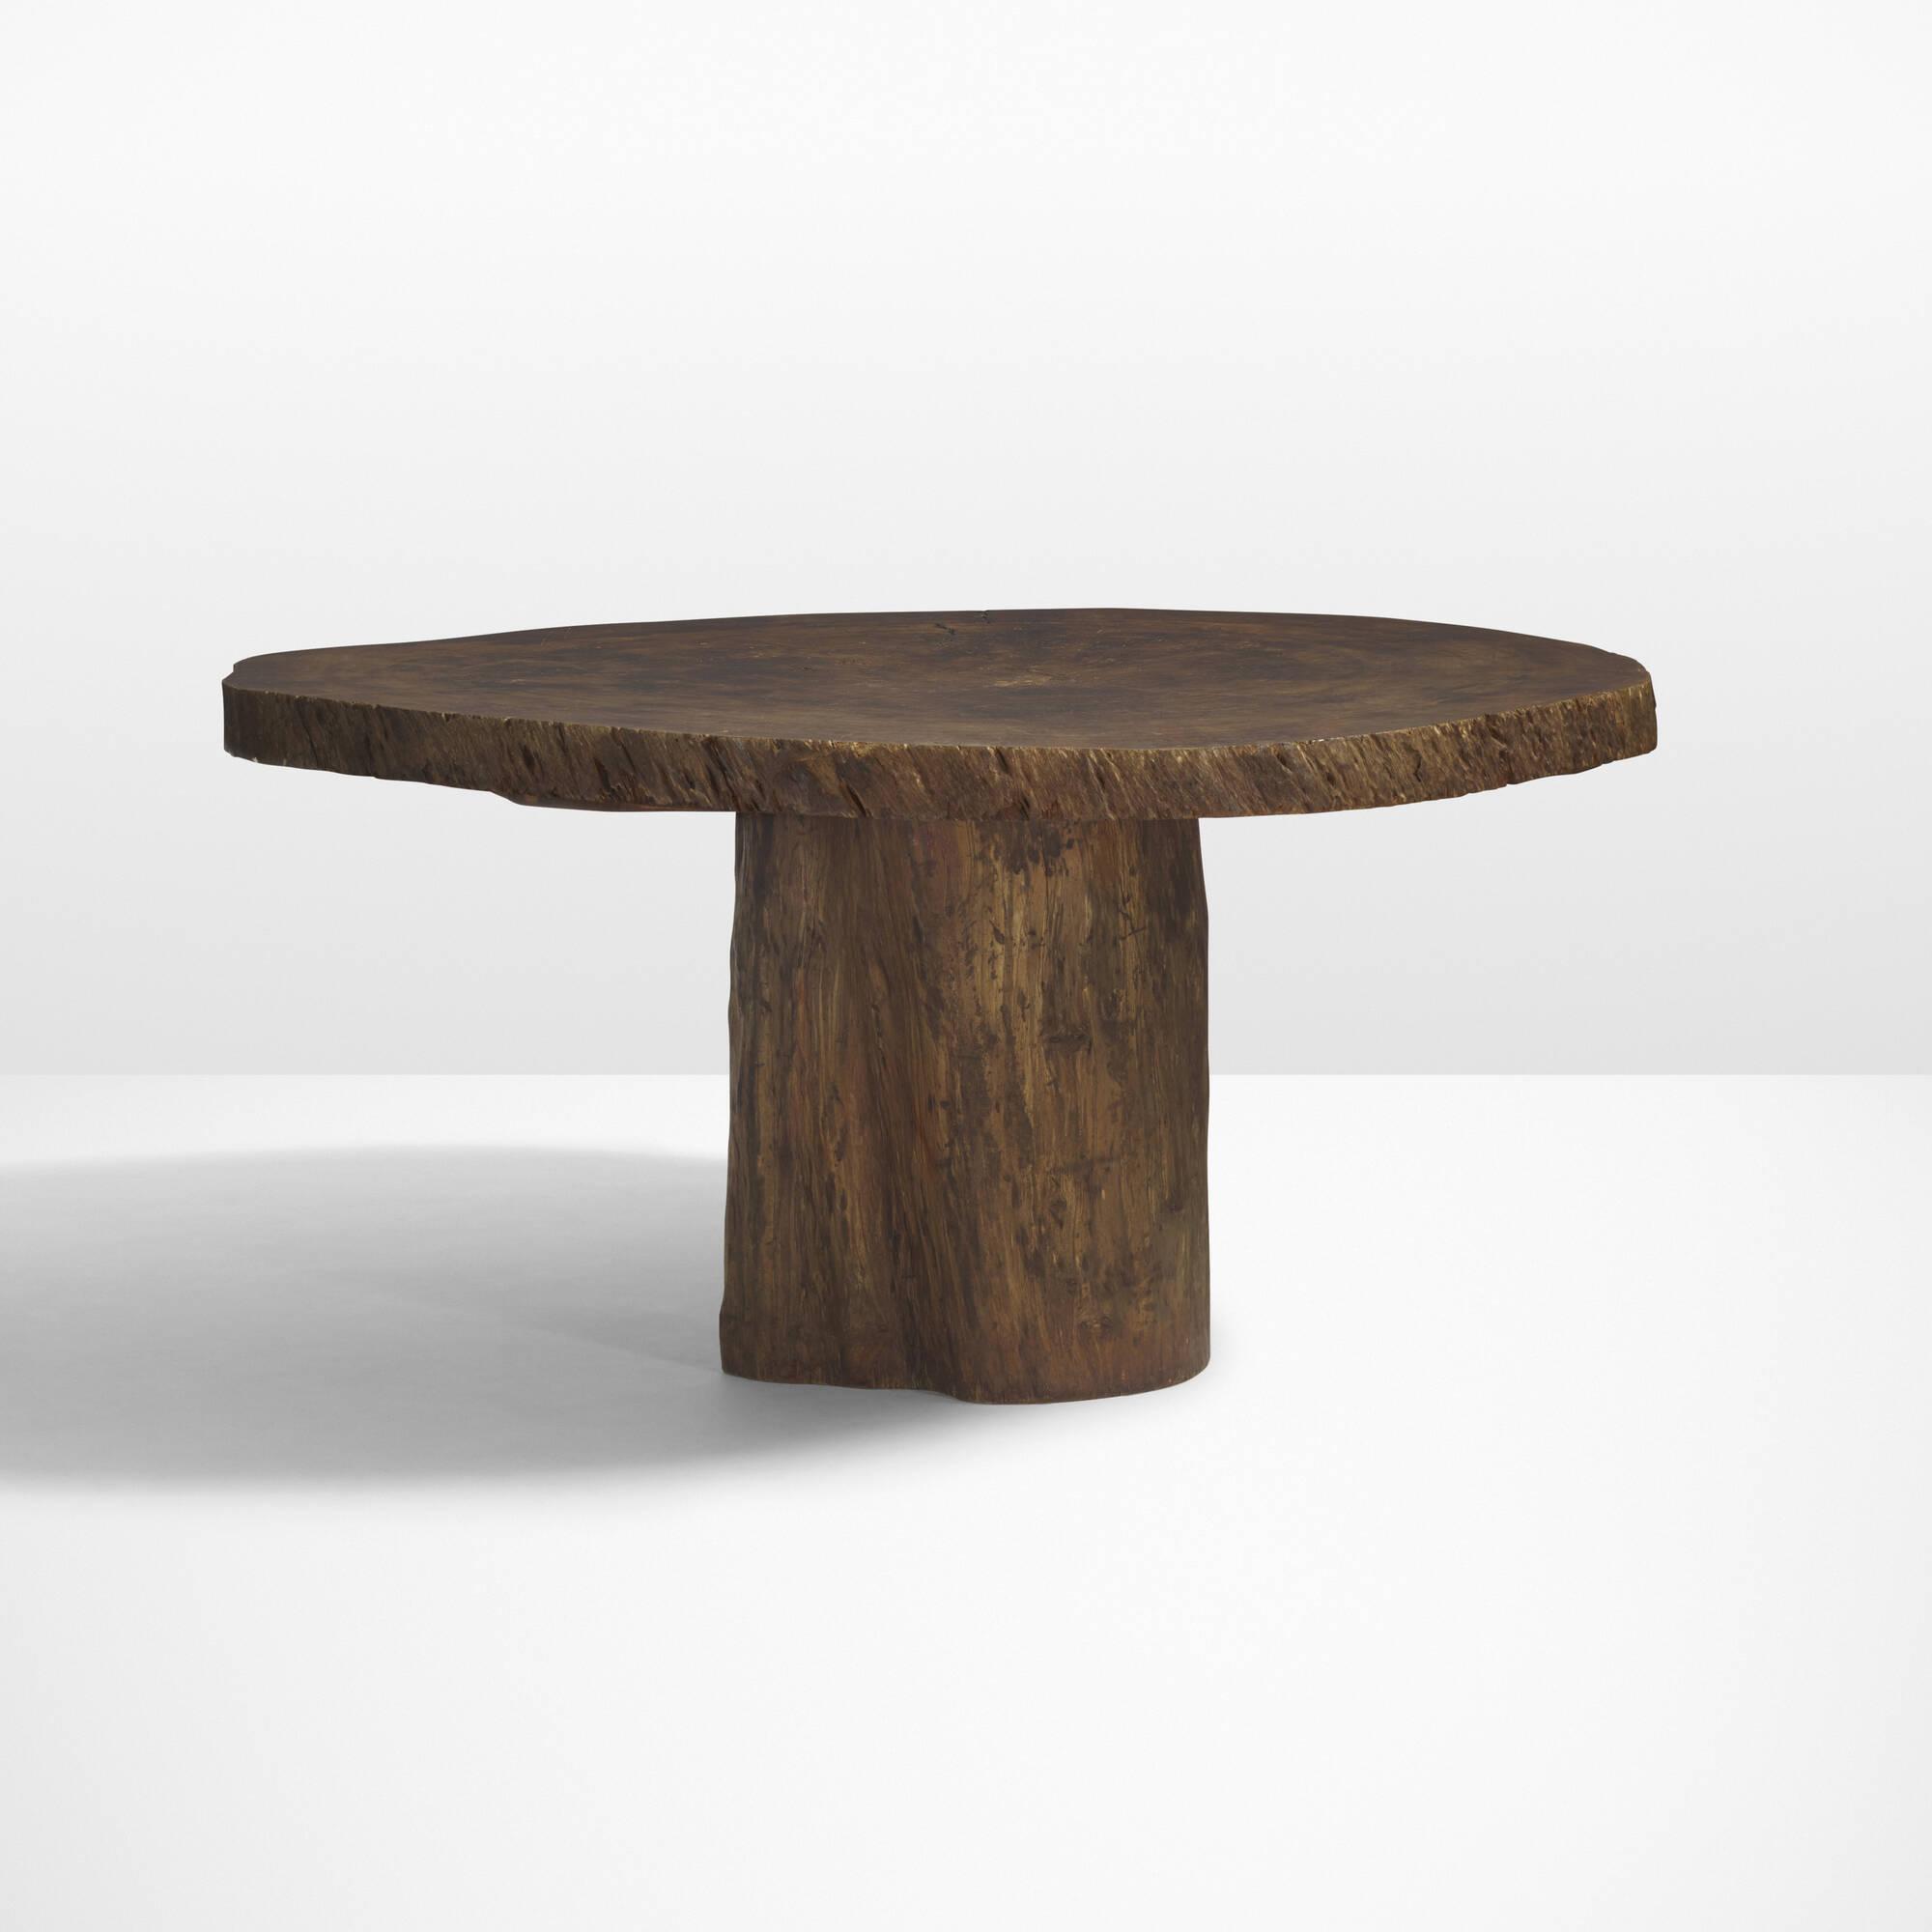 41: José Zanine Caldas / Exceptional dining table (1 of 5)